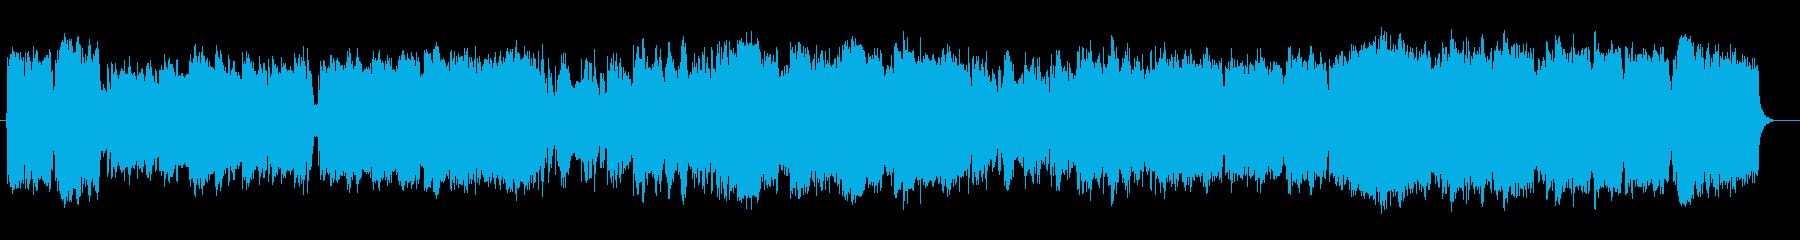 ゆったり明るいシンセサイザーサウンドの再生済みの波形